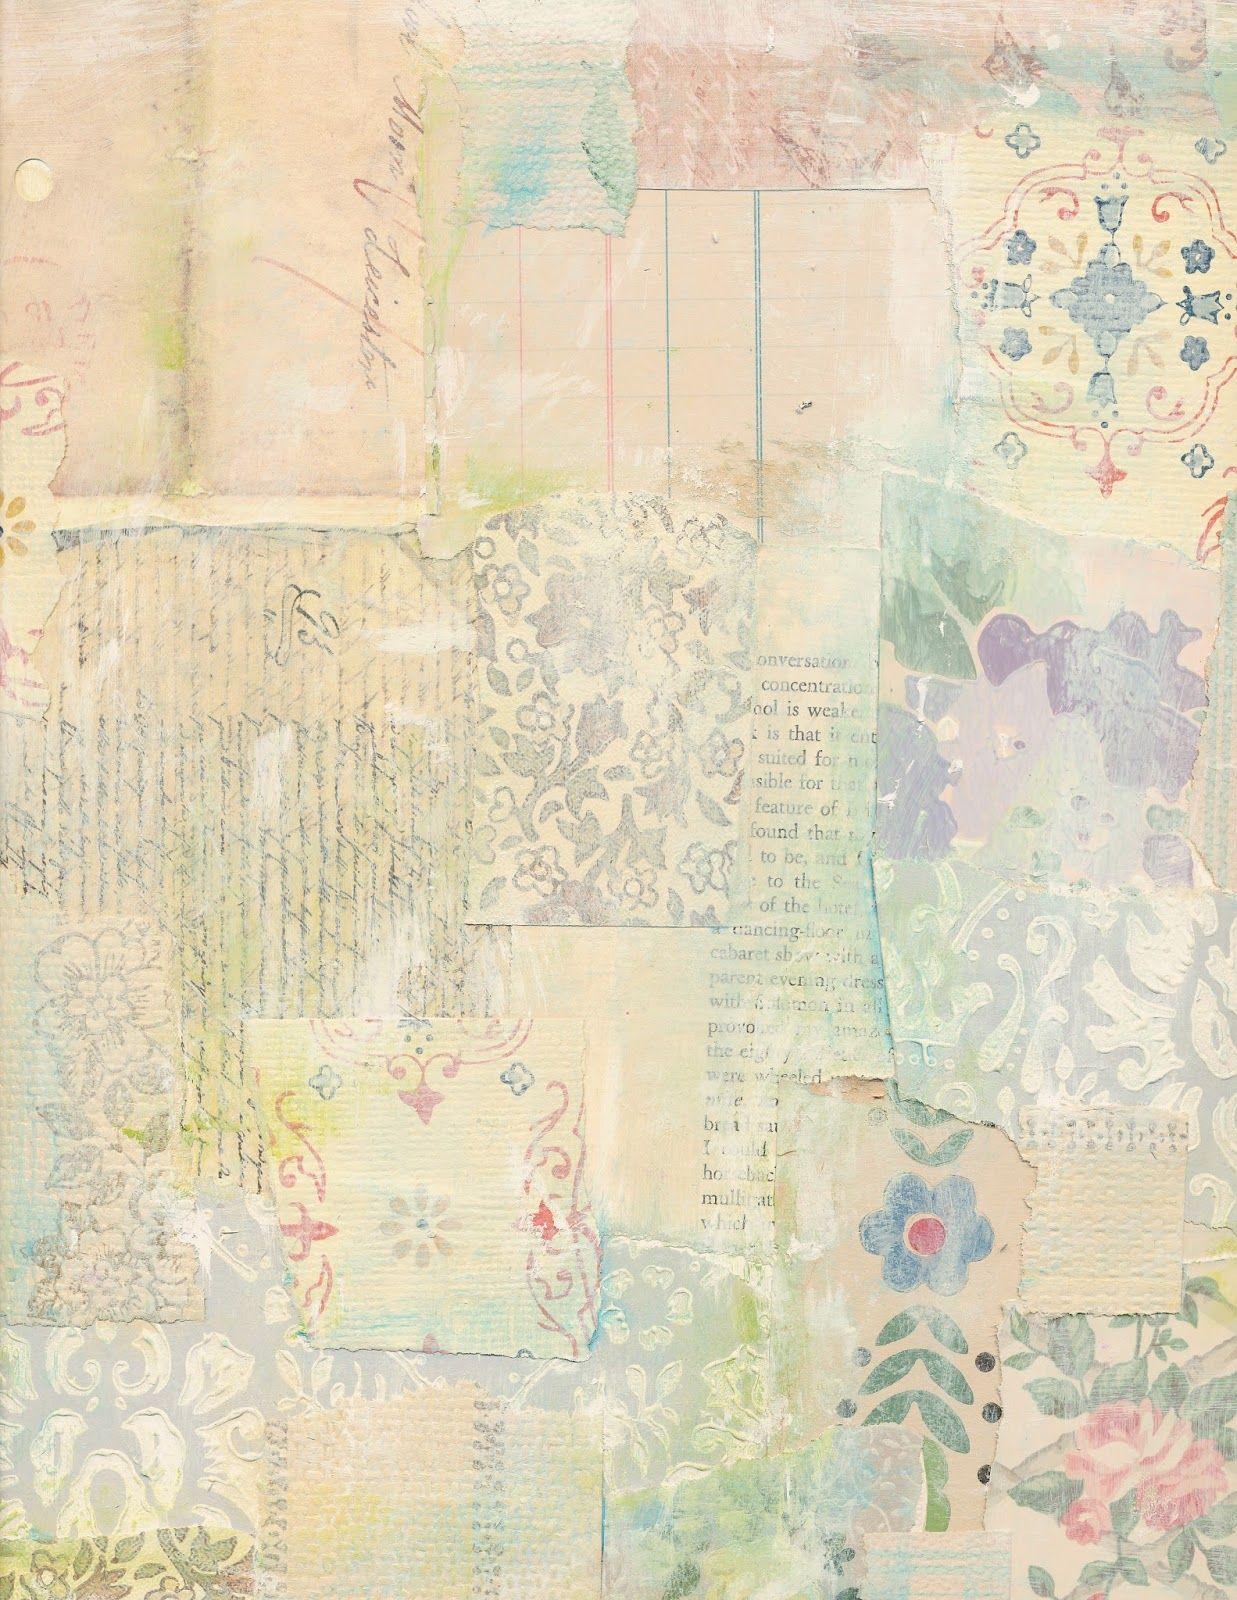 Jodie Lee Designs: Free Printable! Vintage Wallpaper Collage - Free Printable Background Pages